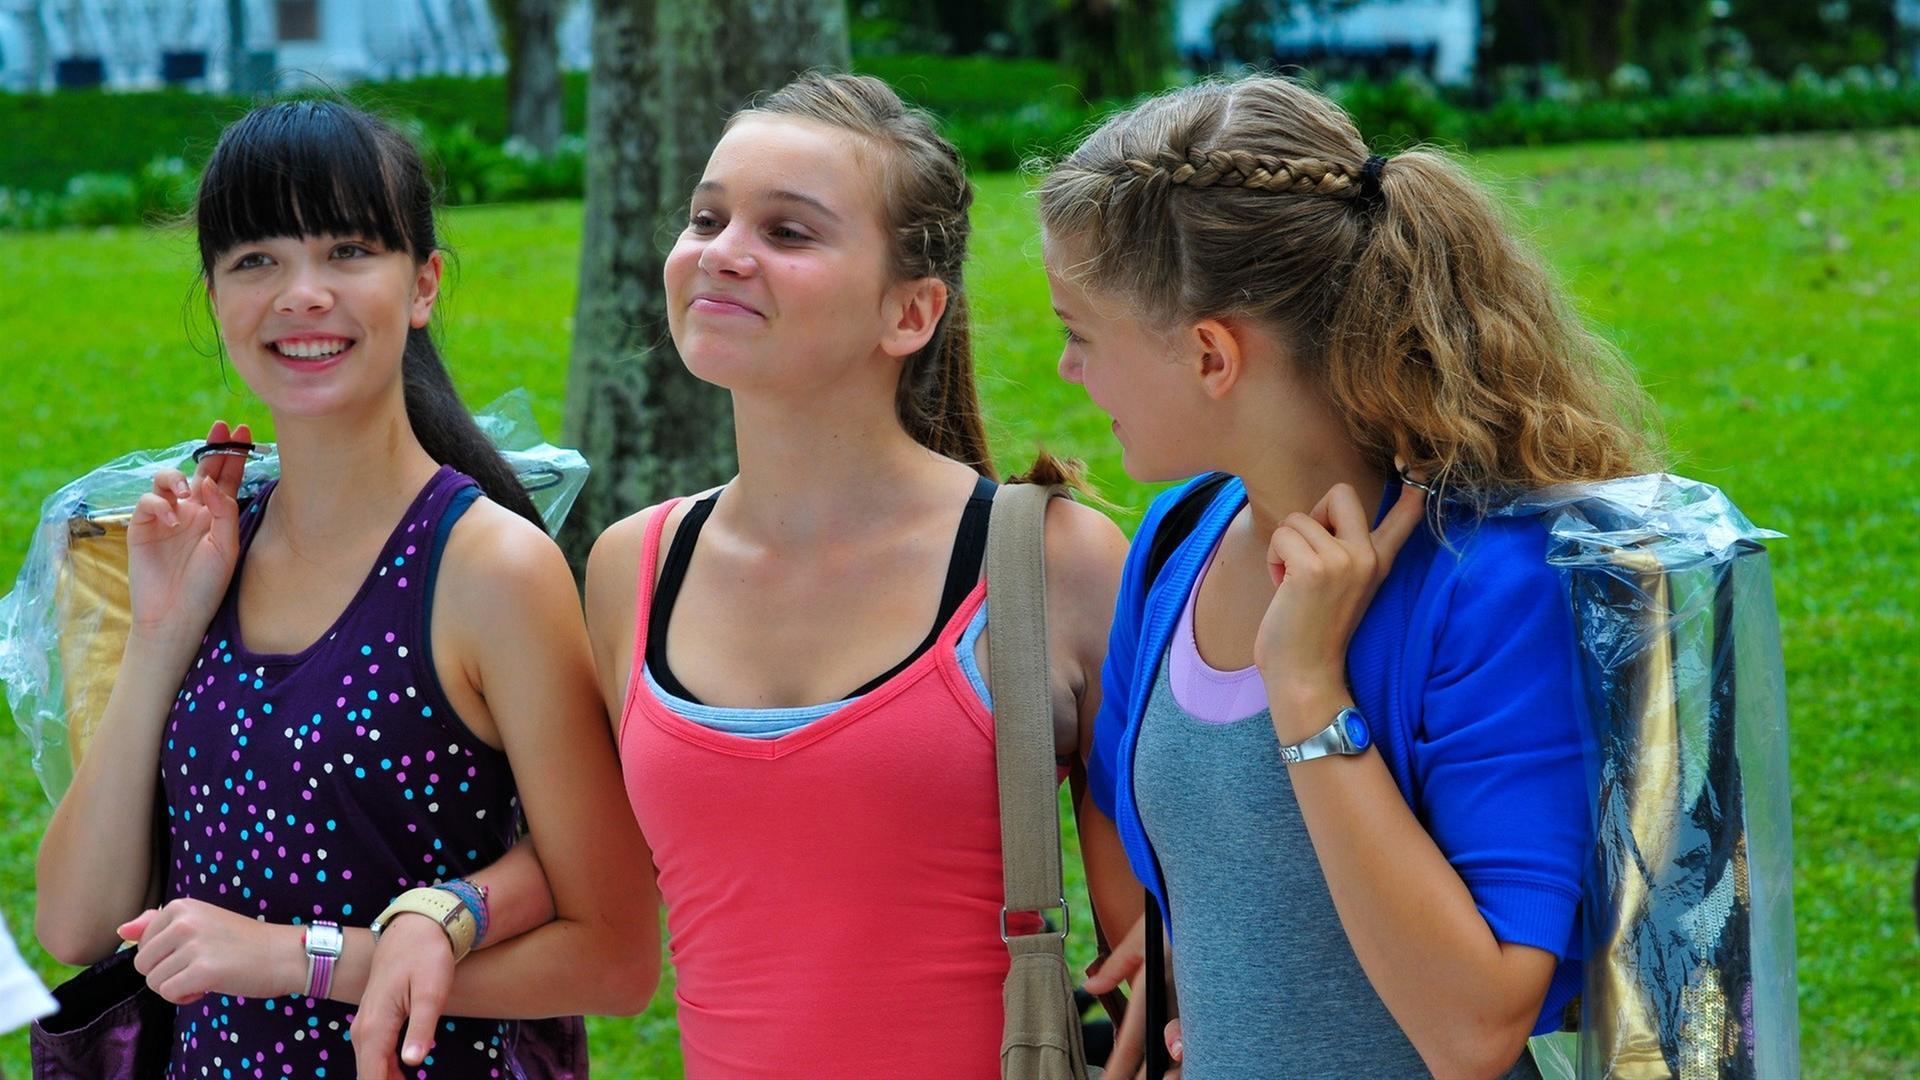 Mädchen aus chatraum